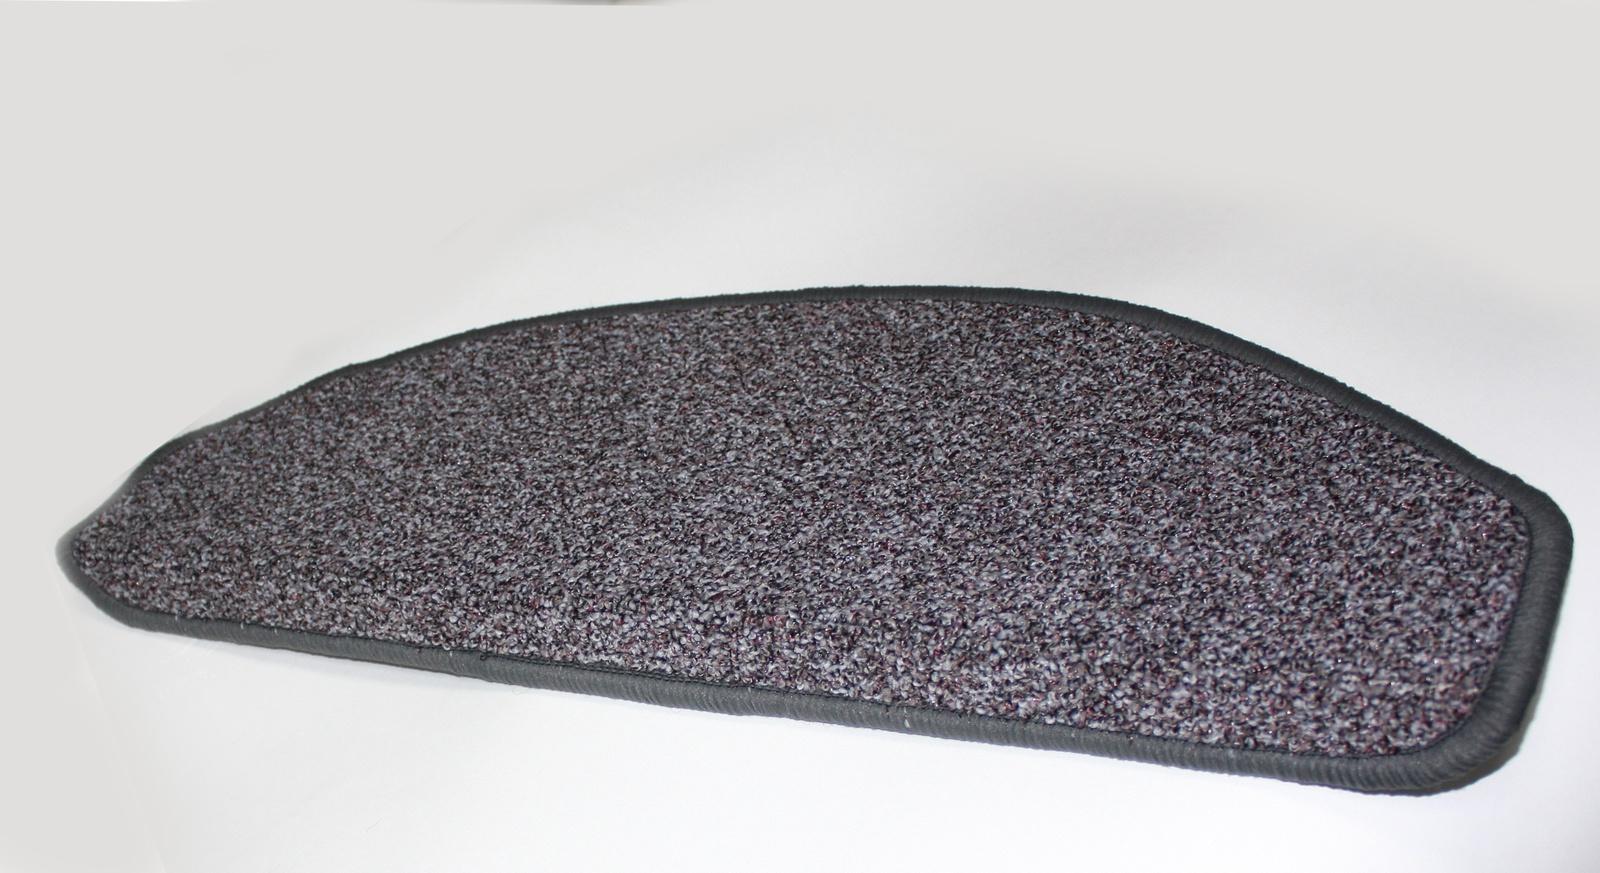 Защитный коврик Велий Одесса 97, серый защитный коврик велий хеопс 22 зеленый